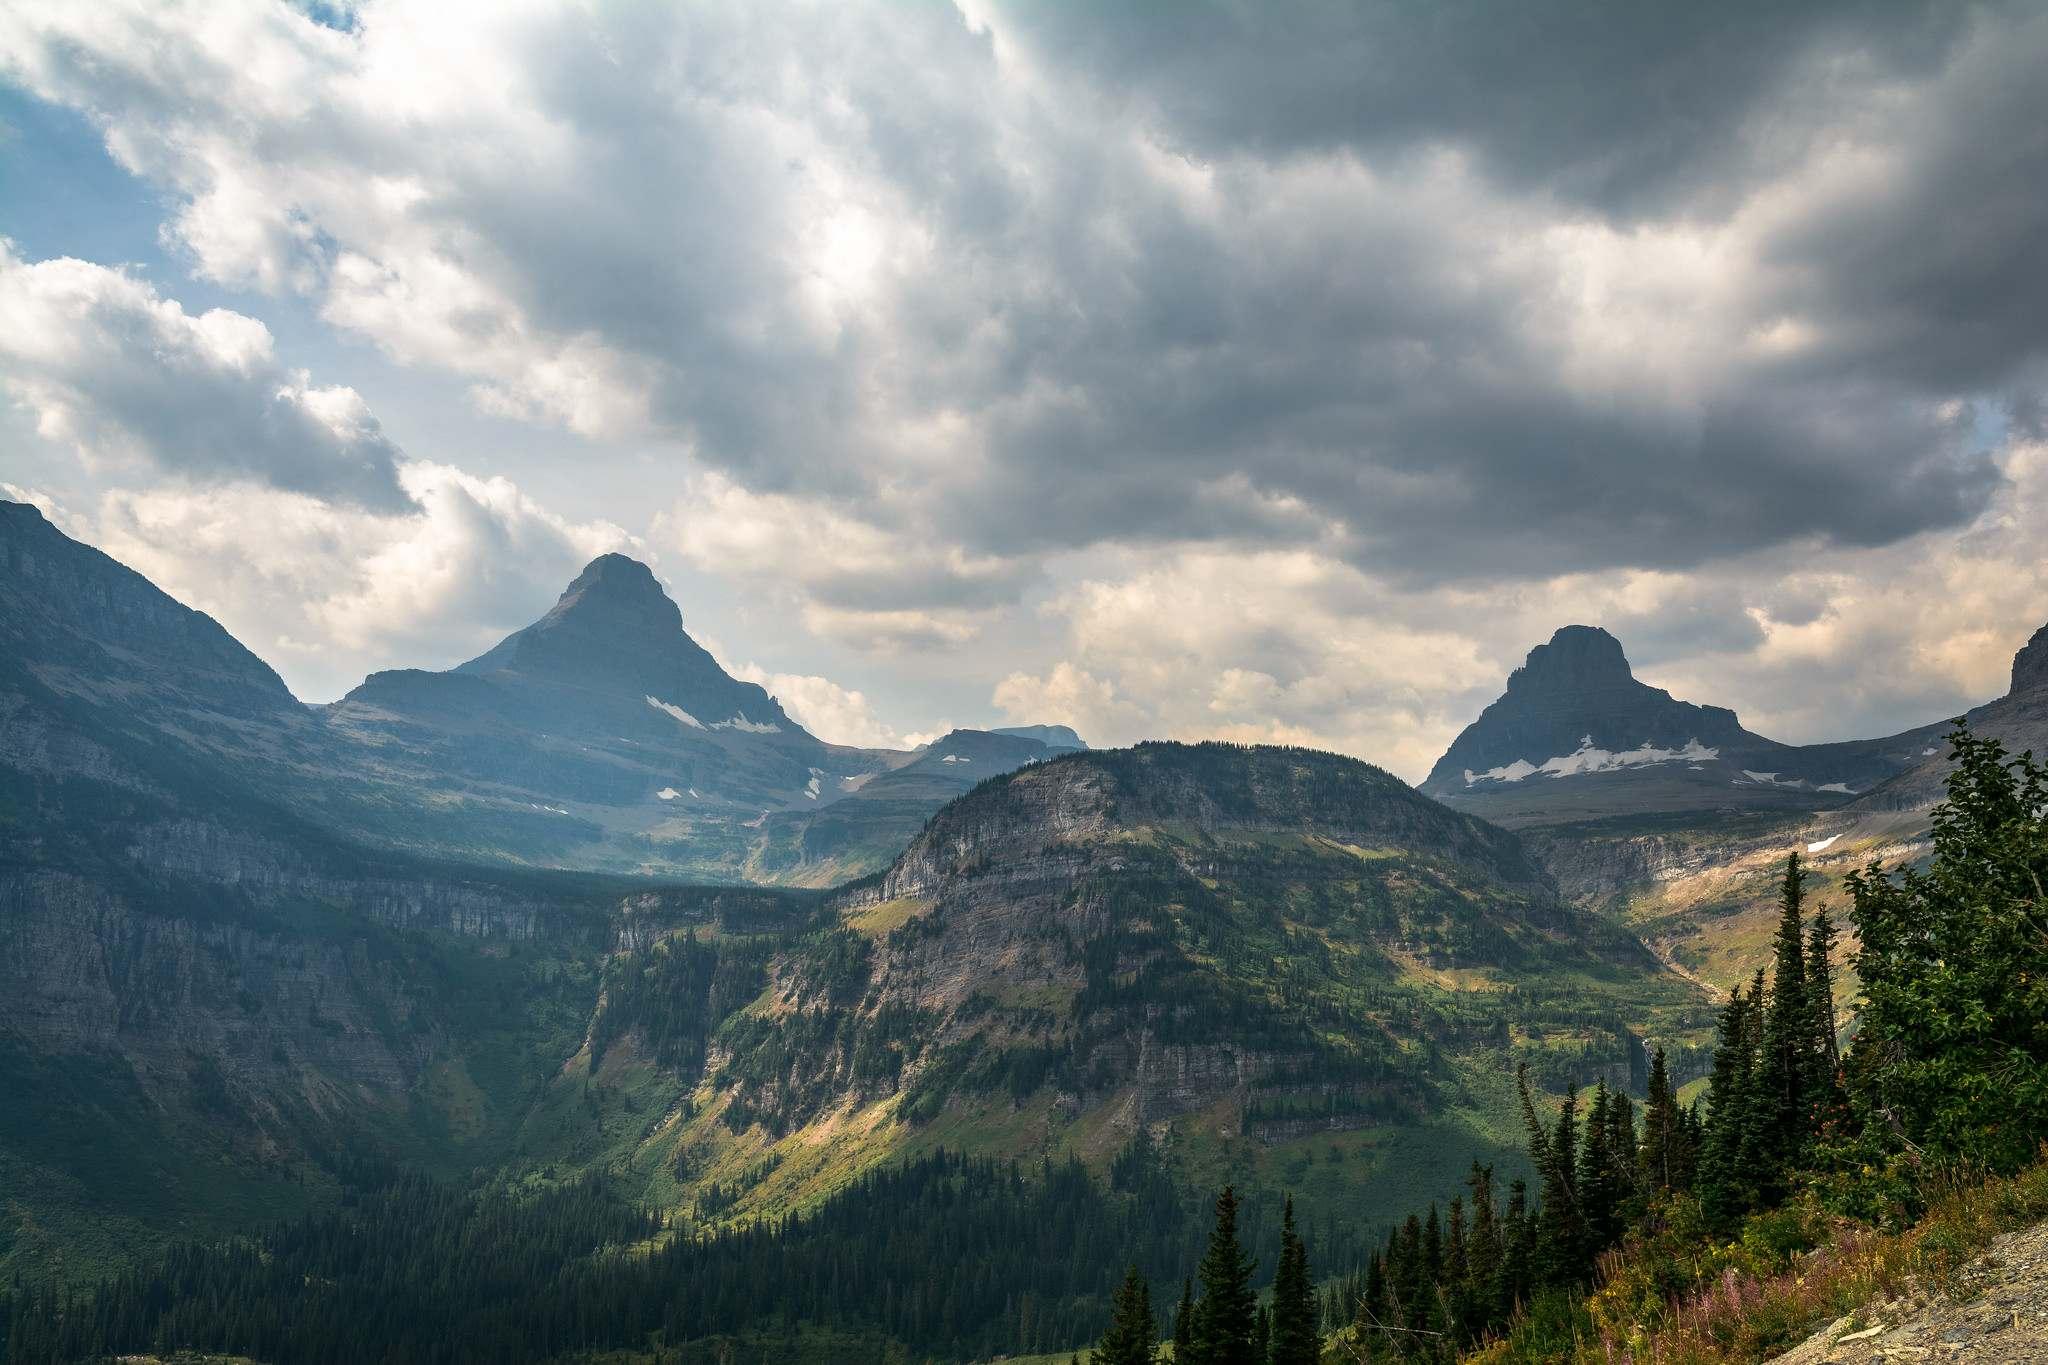 glacier national park8 Scenic Glacier National Park, Montana